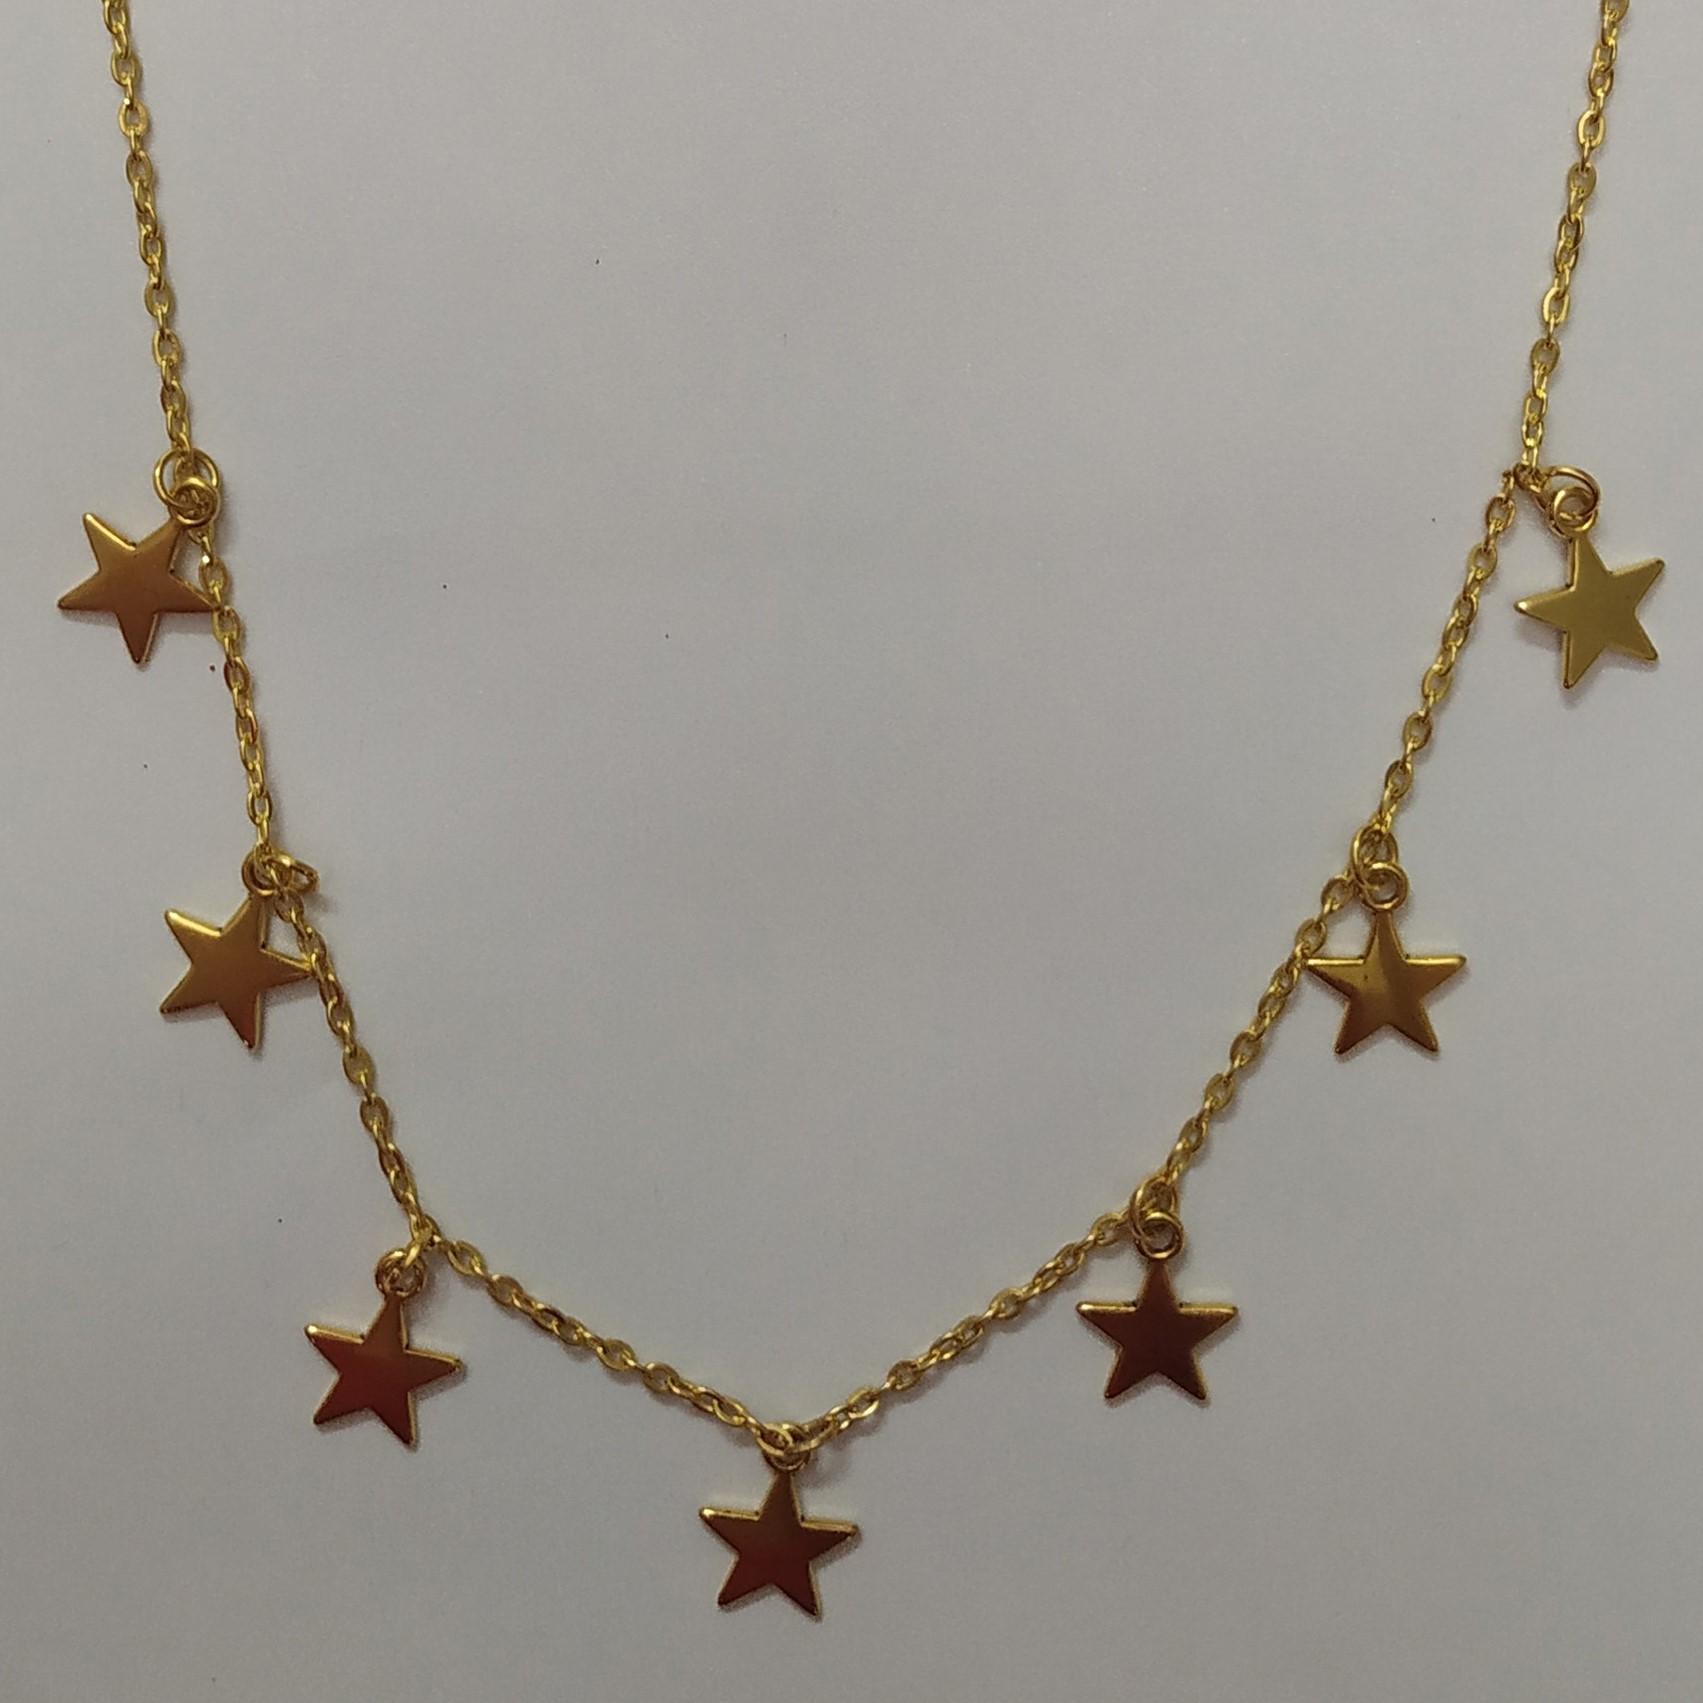 گردنبند مدل ستاره کد HN1605